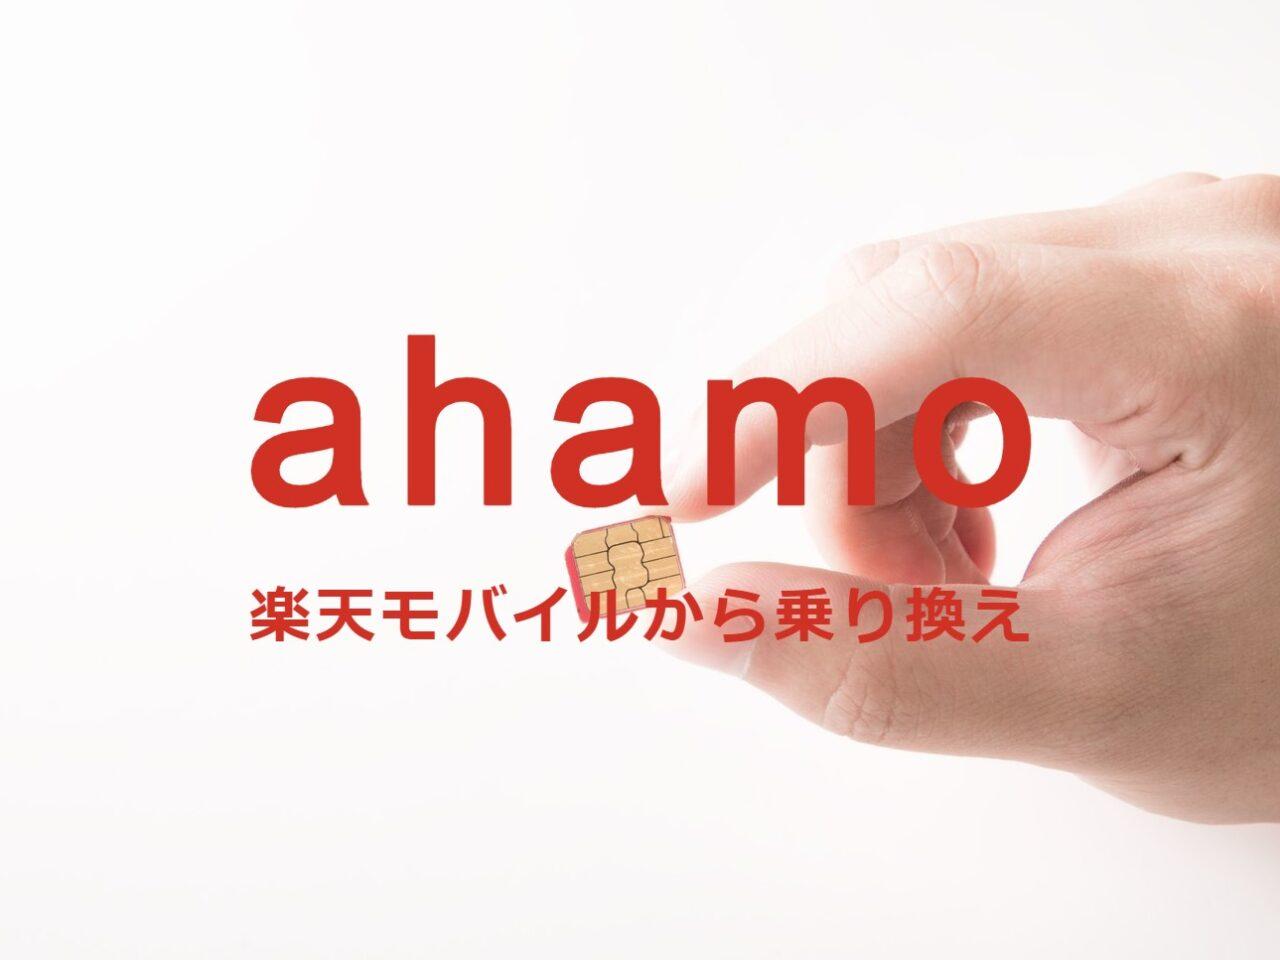 楽天モバイルからahamo(アハモ)への乗り換えはおすすめ?やり方は?のサムネイル画像